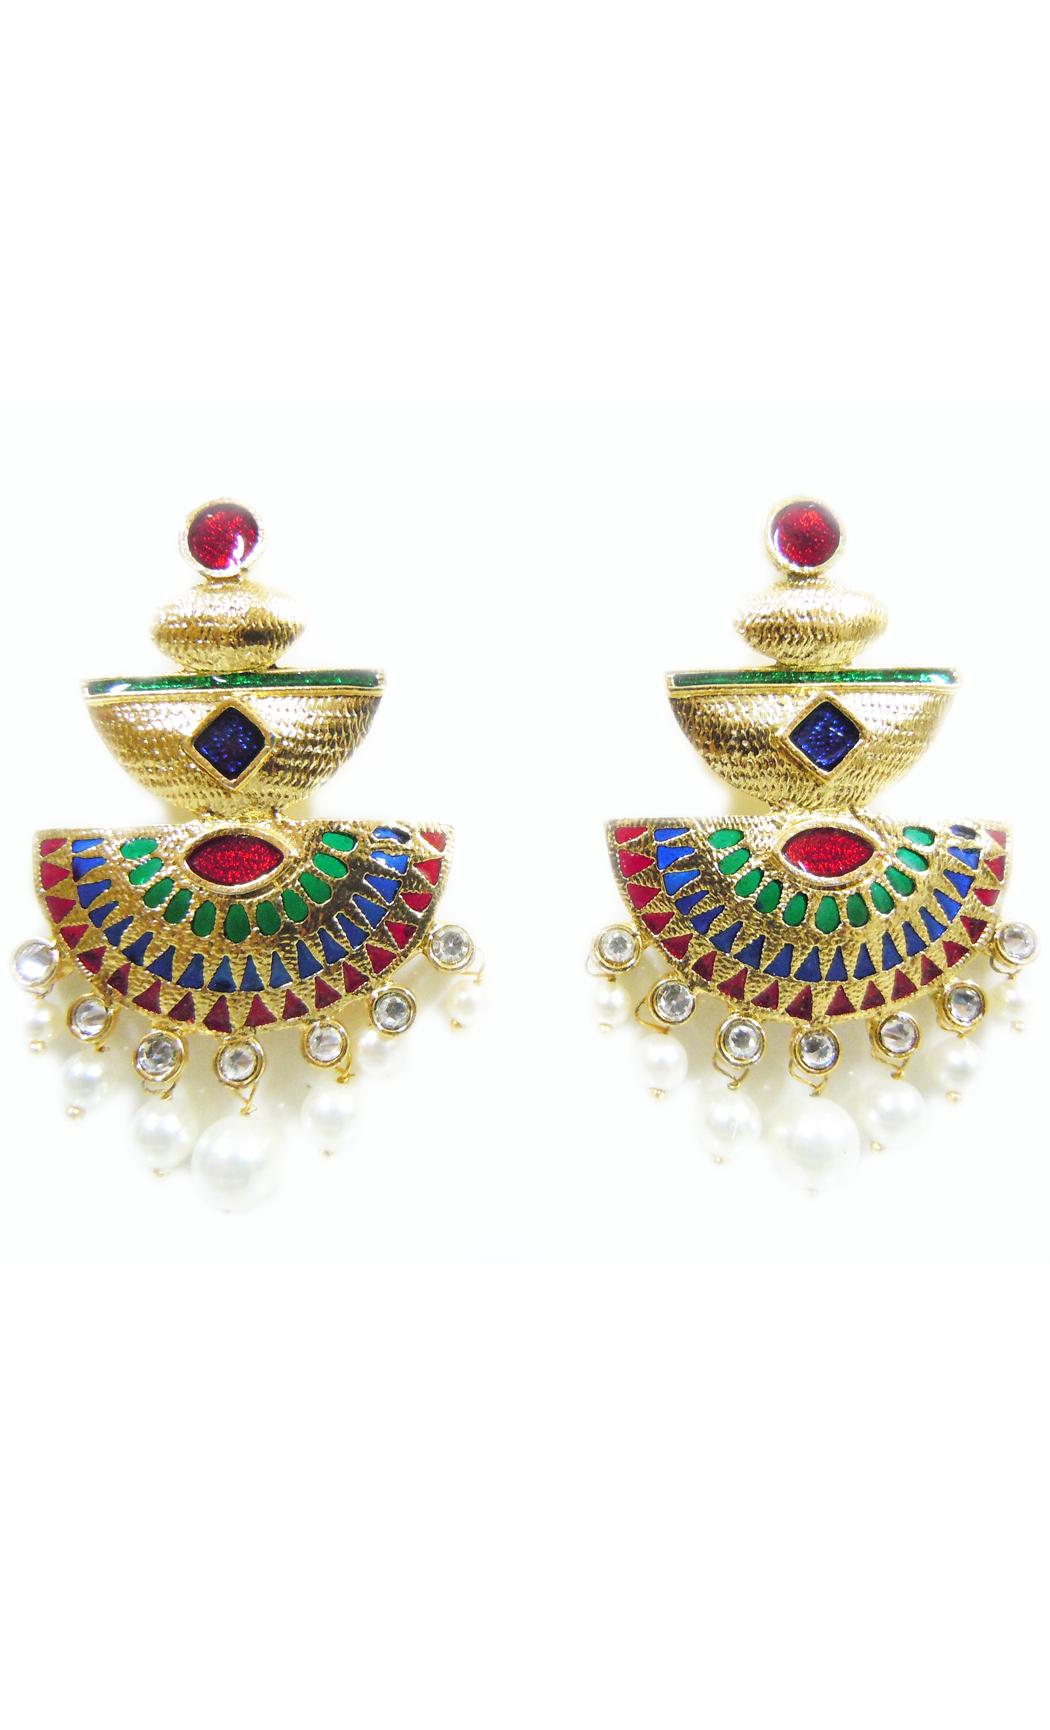 Scarlet Triad Earrings - Shop Online